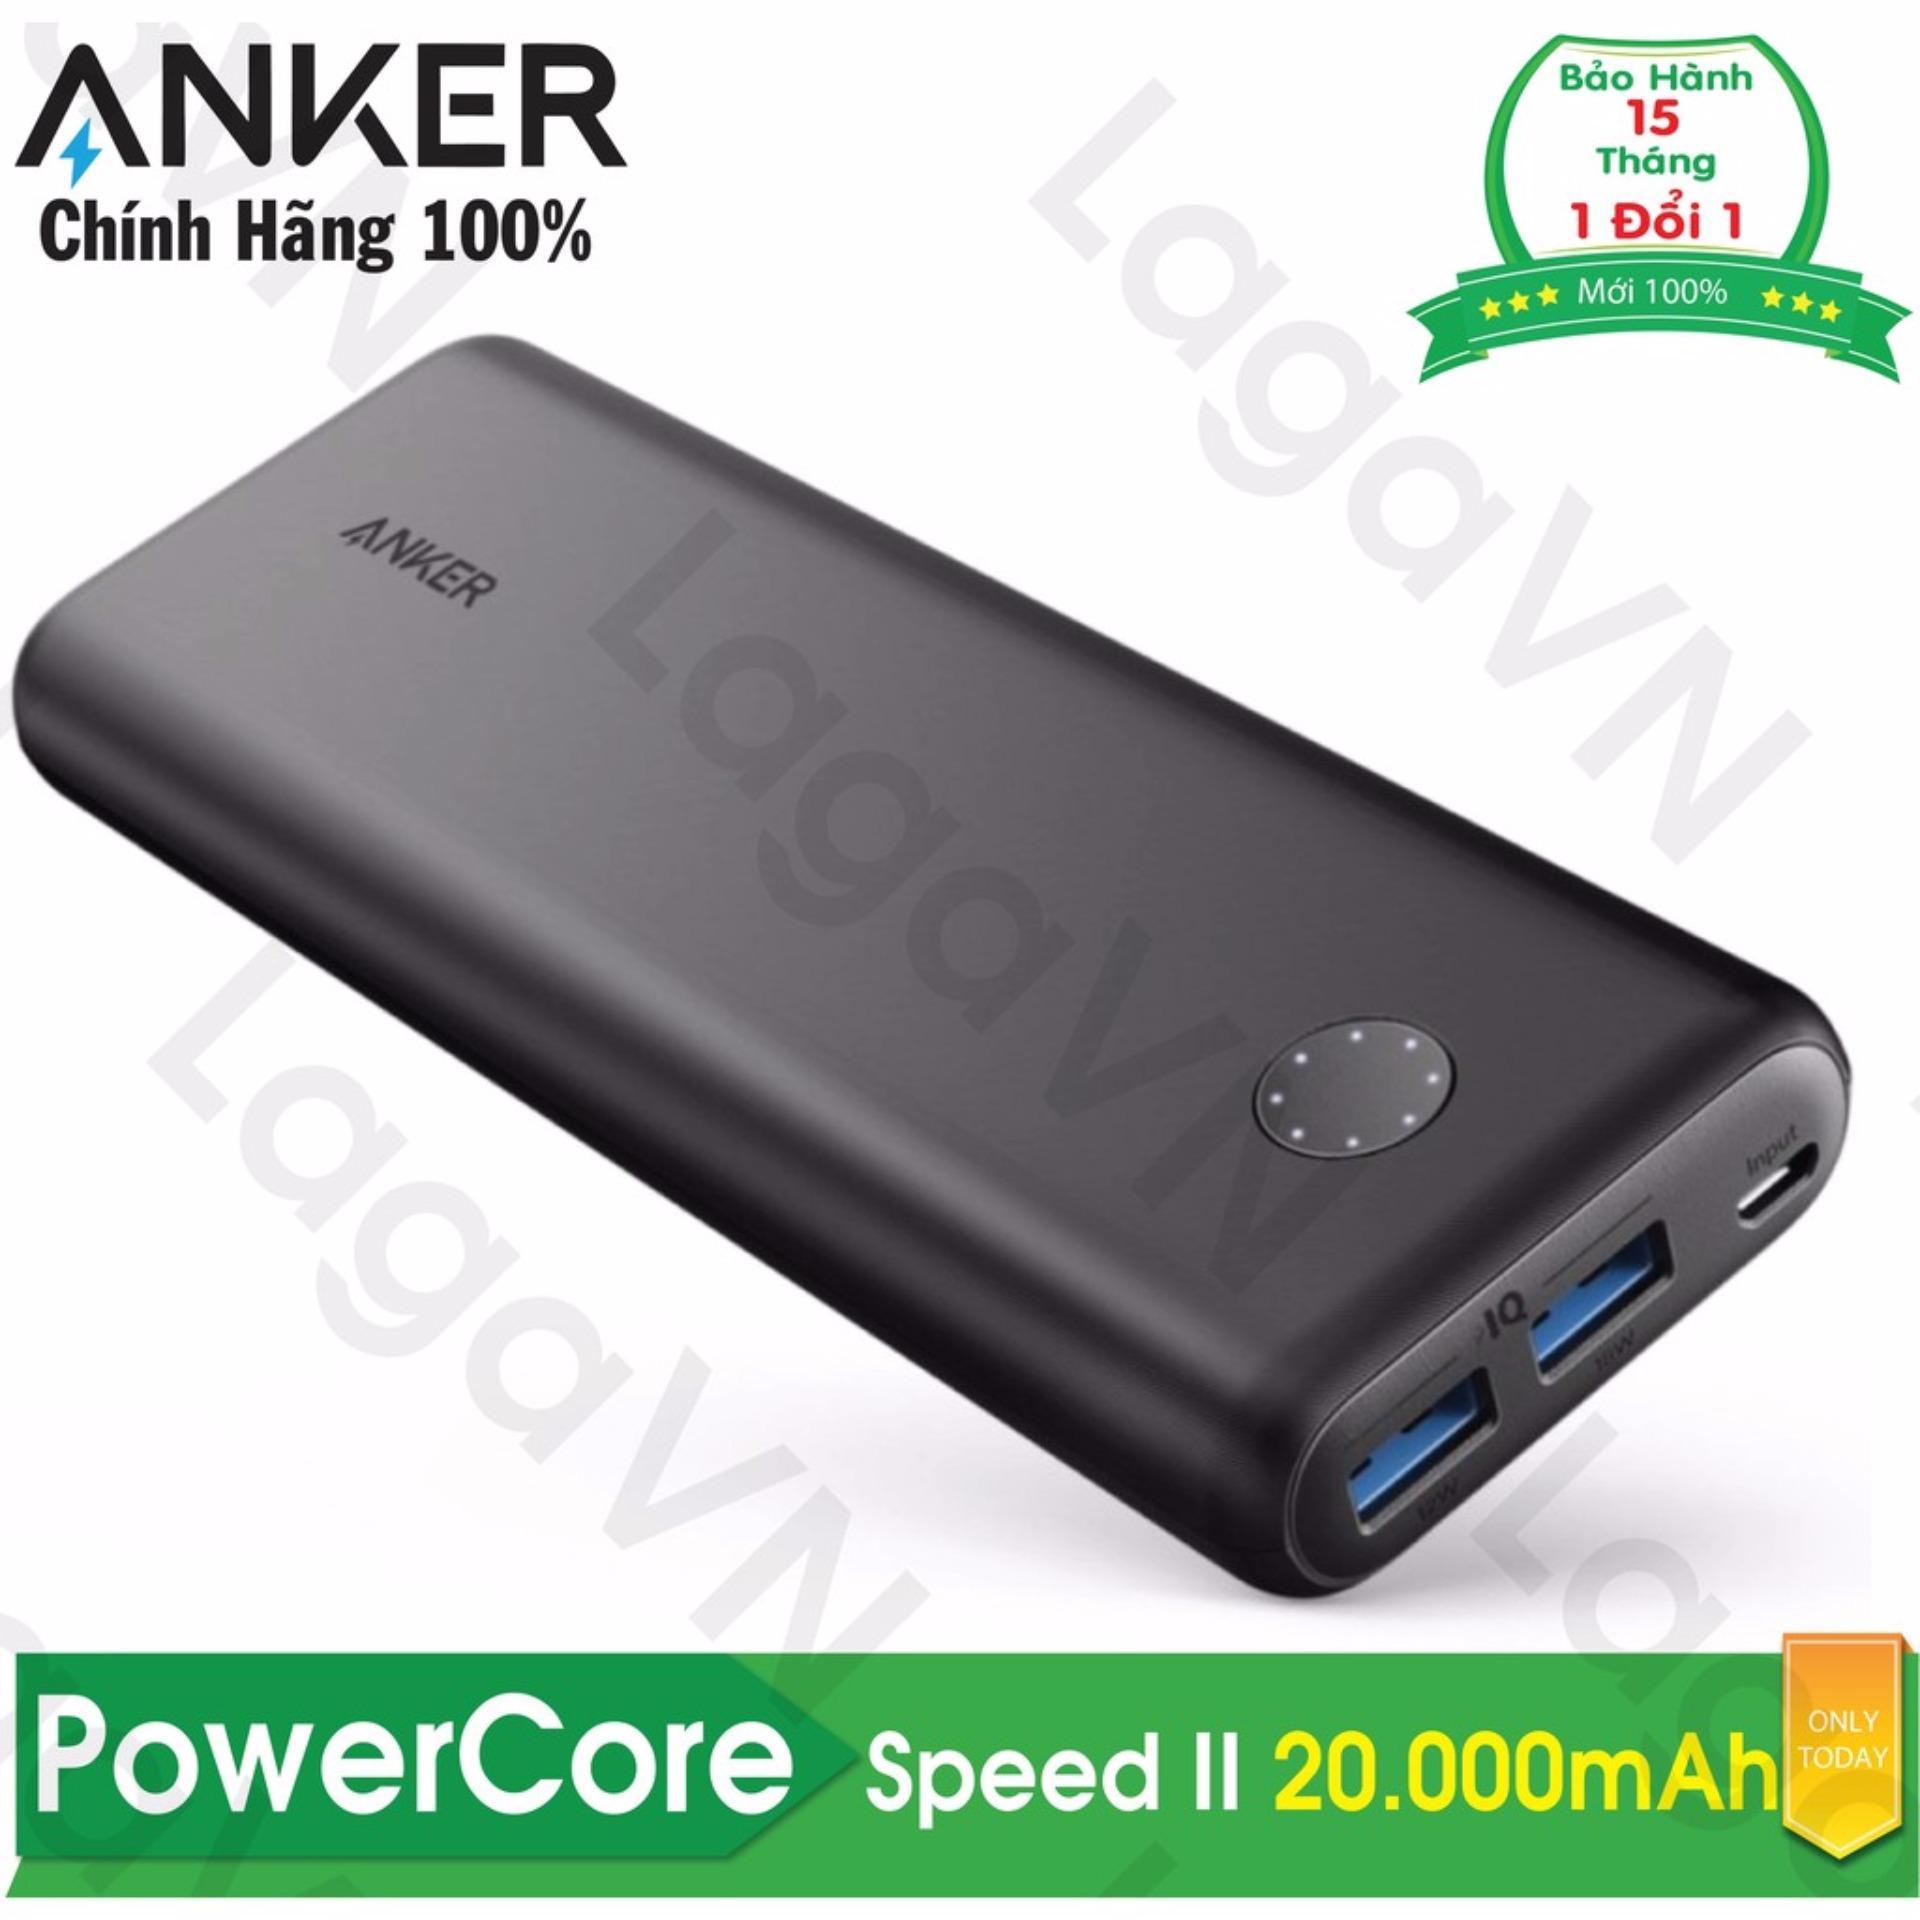 Giá Bán Pin Sạc Dự Phong Anker Powercore Speed Ii 20000Mah A1260 Hang Phan Phối Chinh Thức Hồ Chí Minh